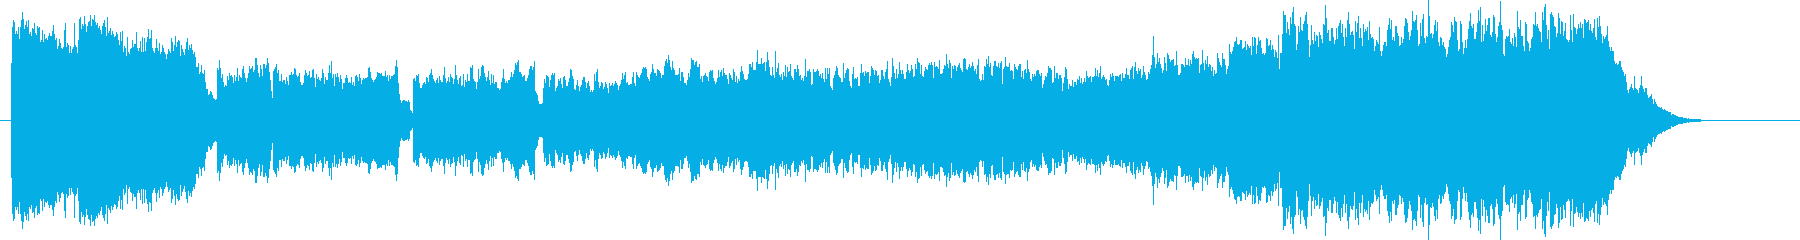 ダークで神秘的で爽やかなエレキサウンドの再生済みの波形